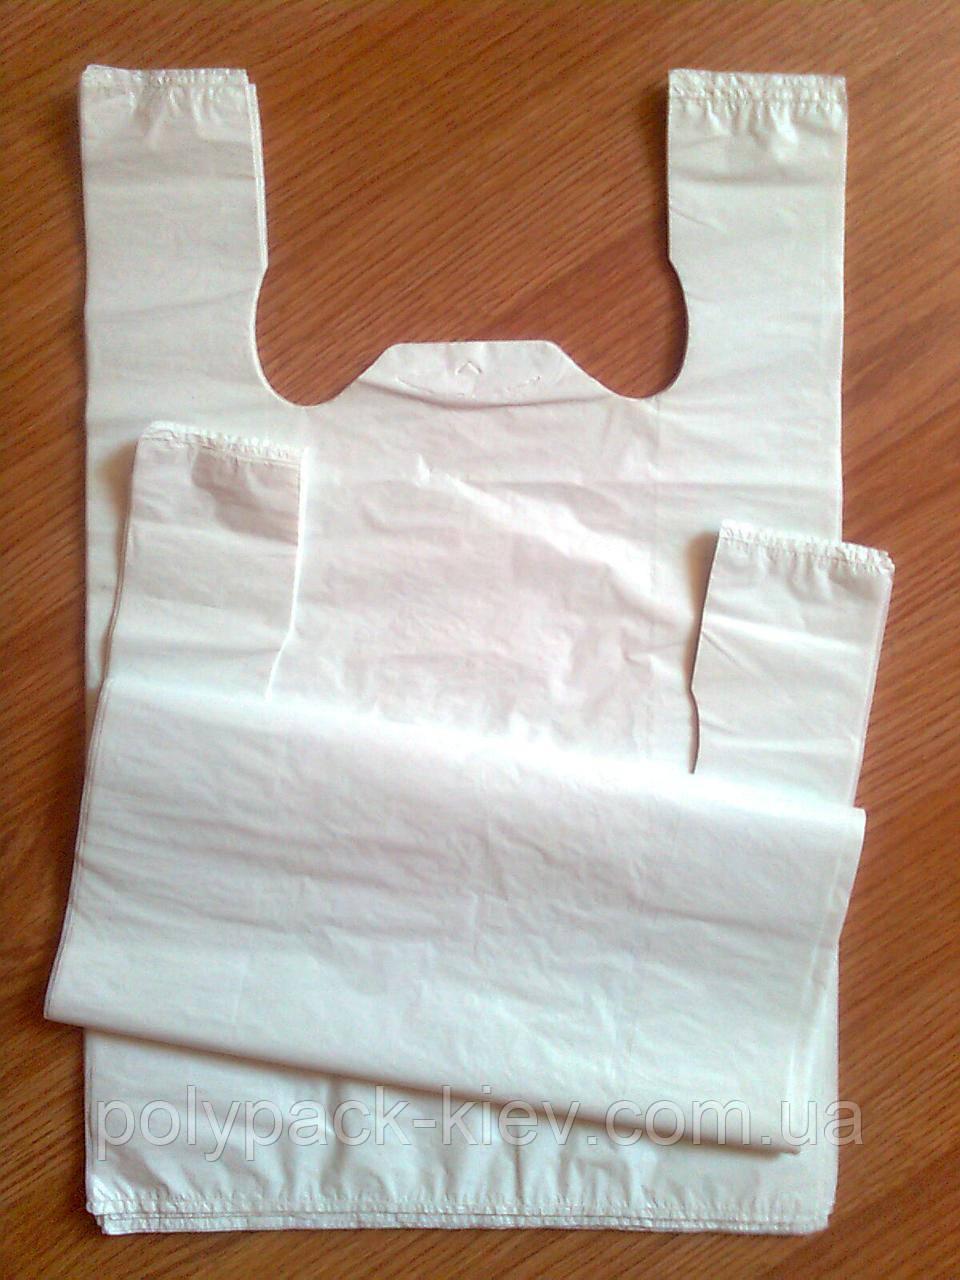 Білі пакети майка 27*45 см/ 20 мкм без печатки, поліетиленові пакети купити Київ пакет білий від виробника